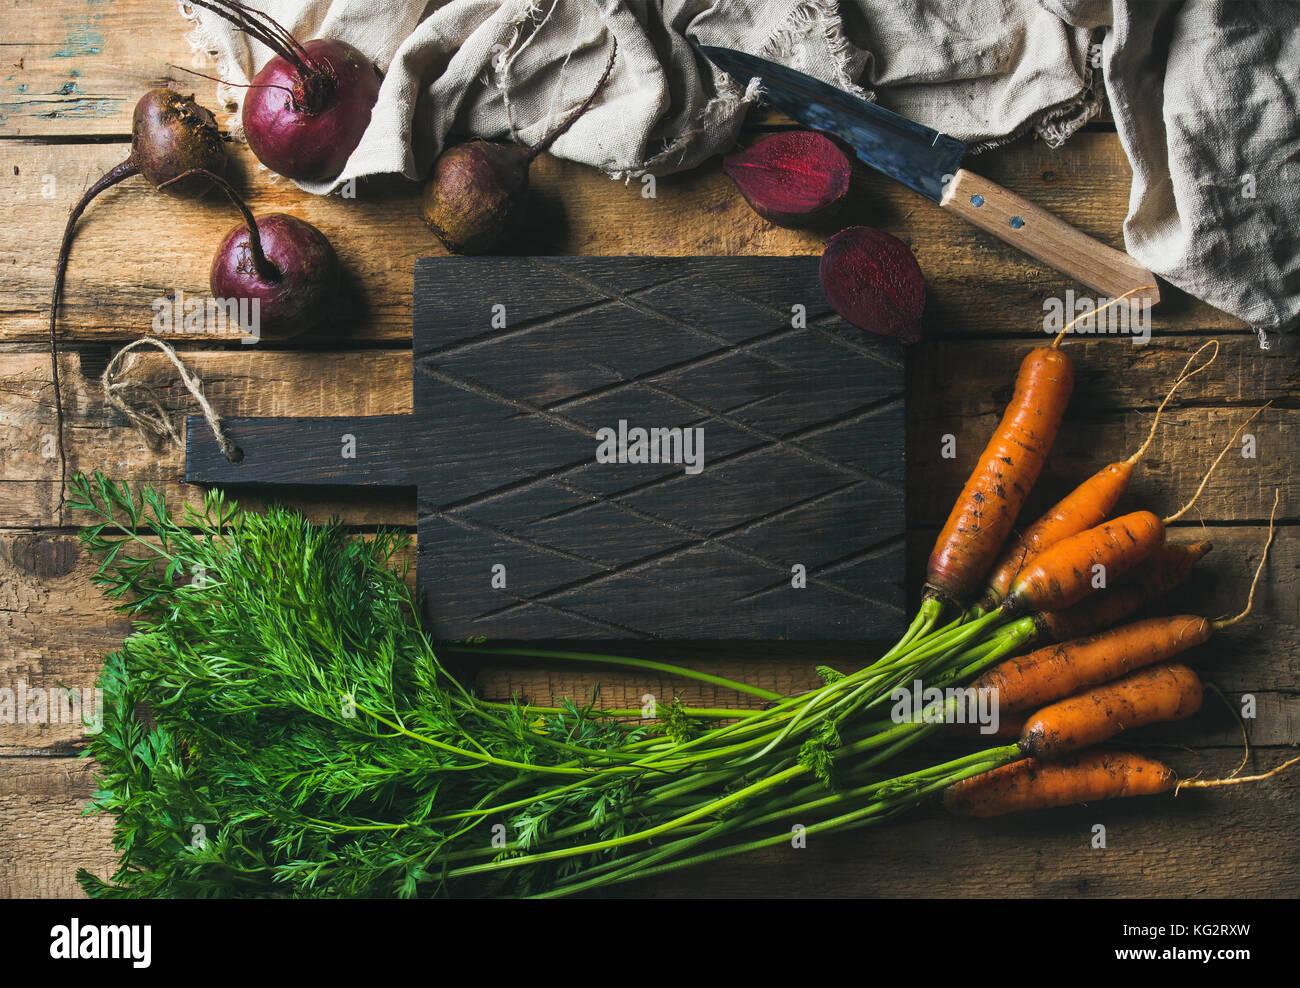 Giardino carote e barbabietole con scuri tagliere in centro Immagini Stock